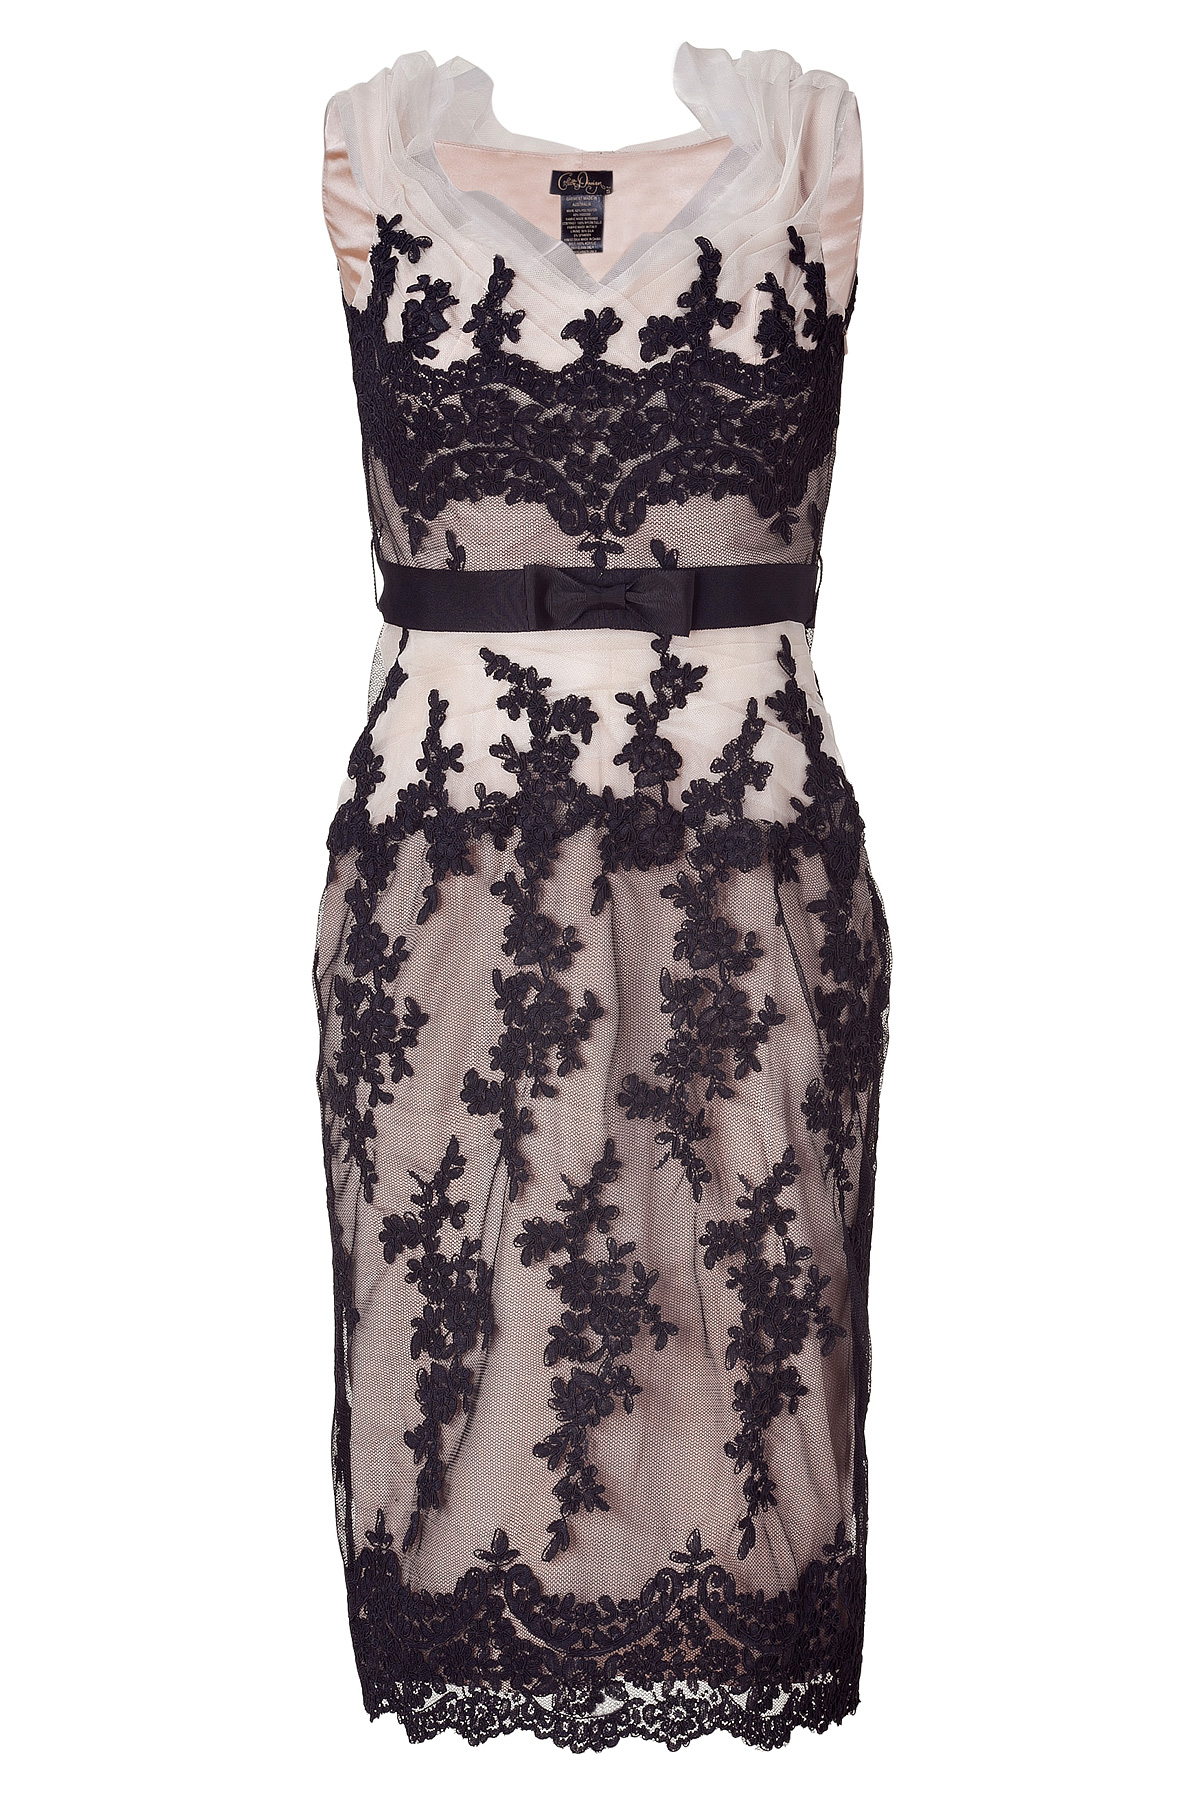 Collette dinnigan Off Shoulder Lace Dress in Black   Lyst